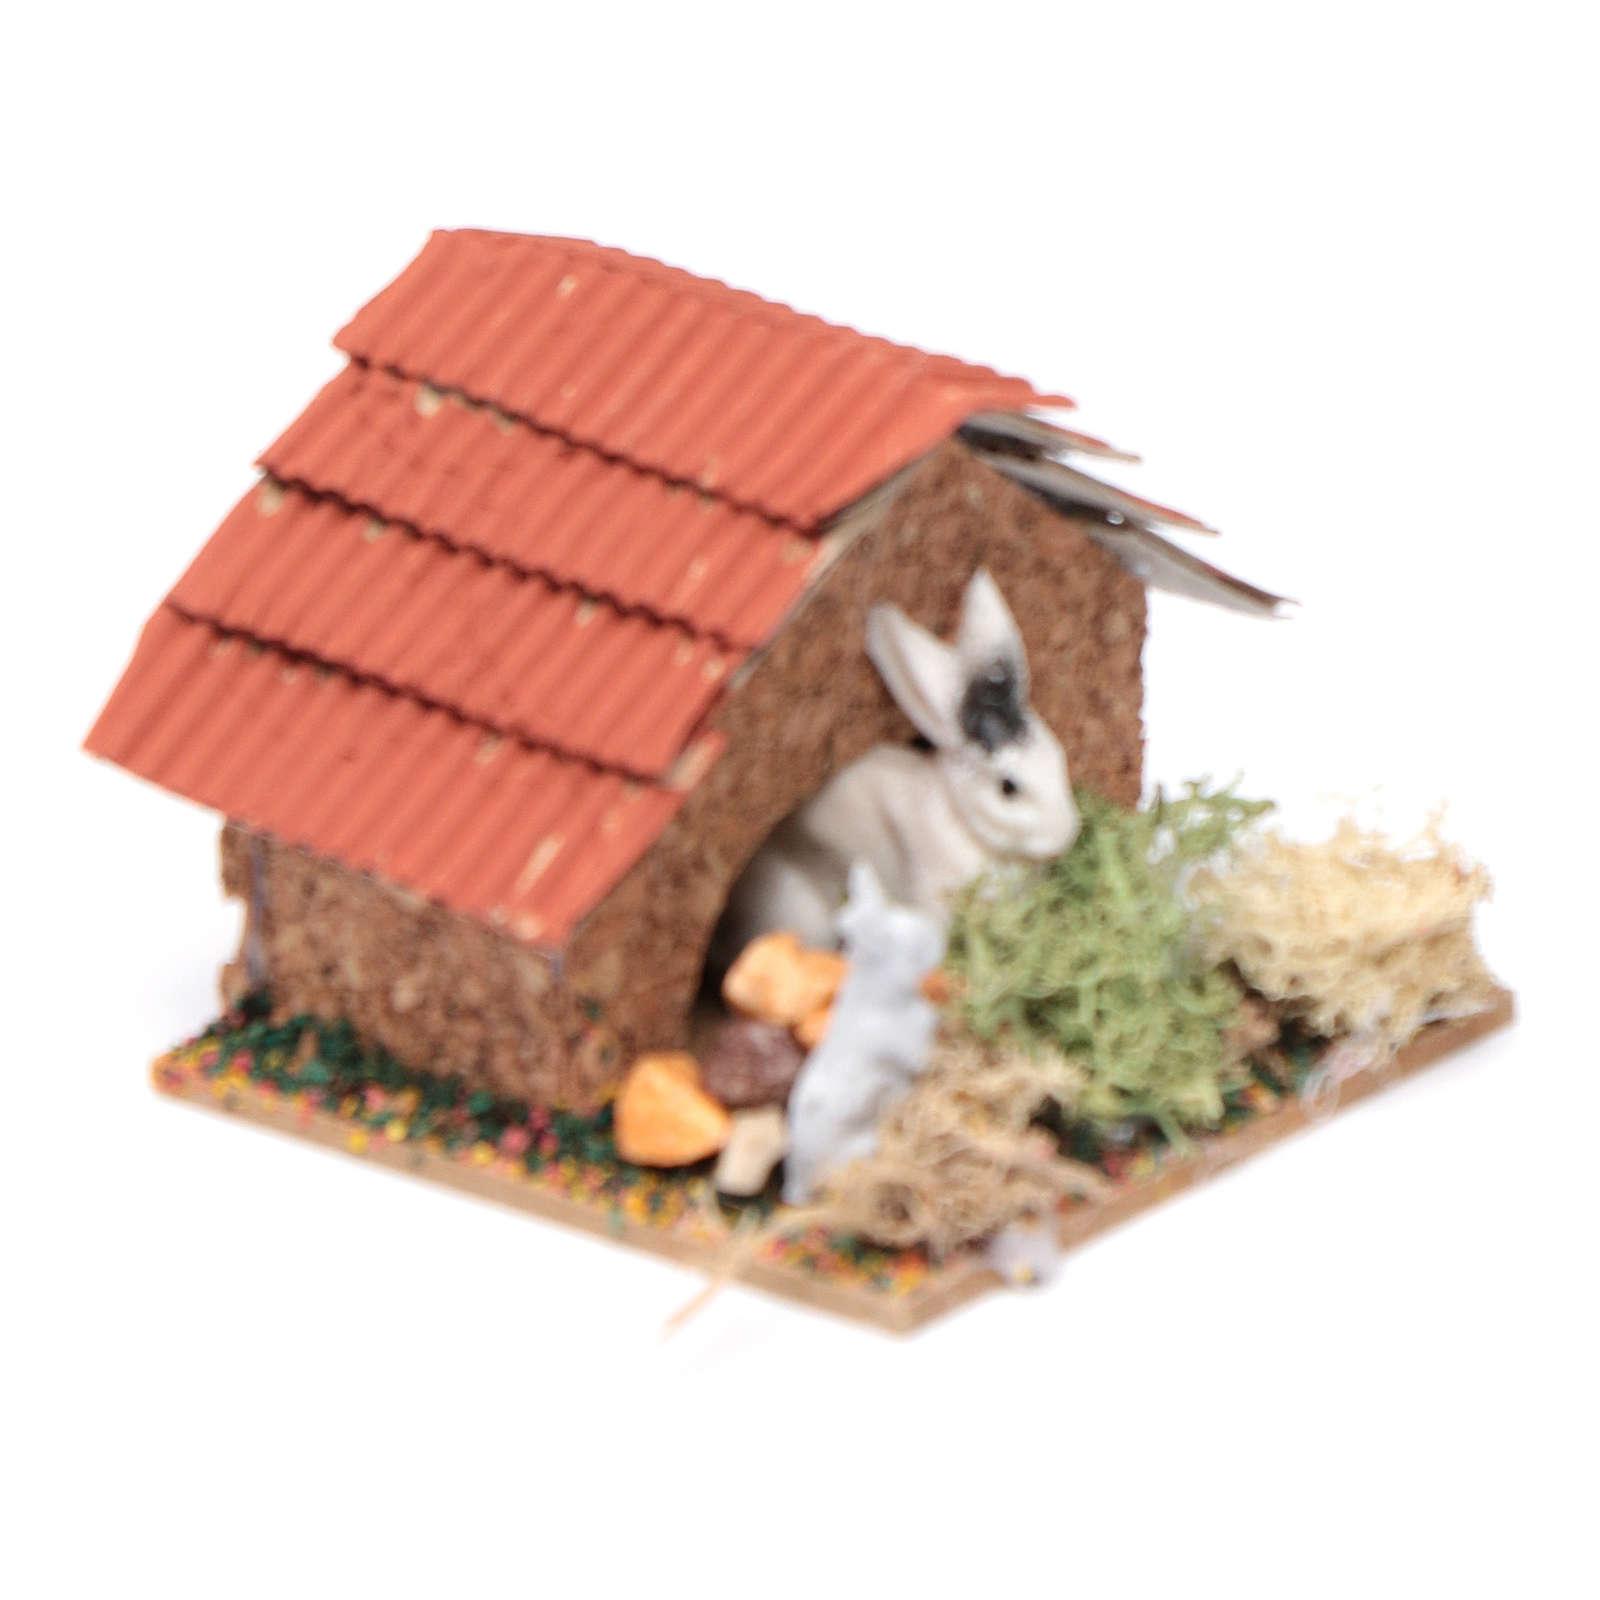 Conigliera con conigli presepe 5x5x5 cm 3